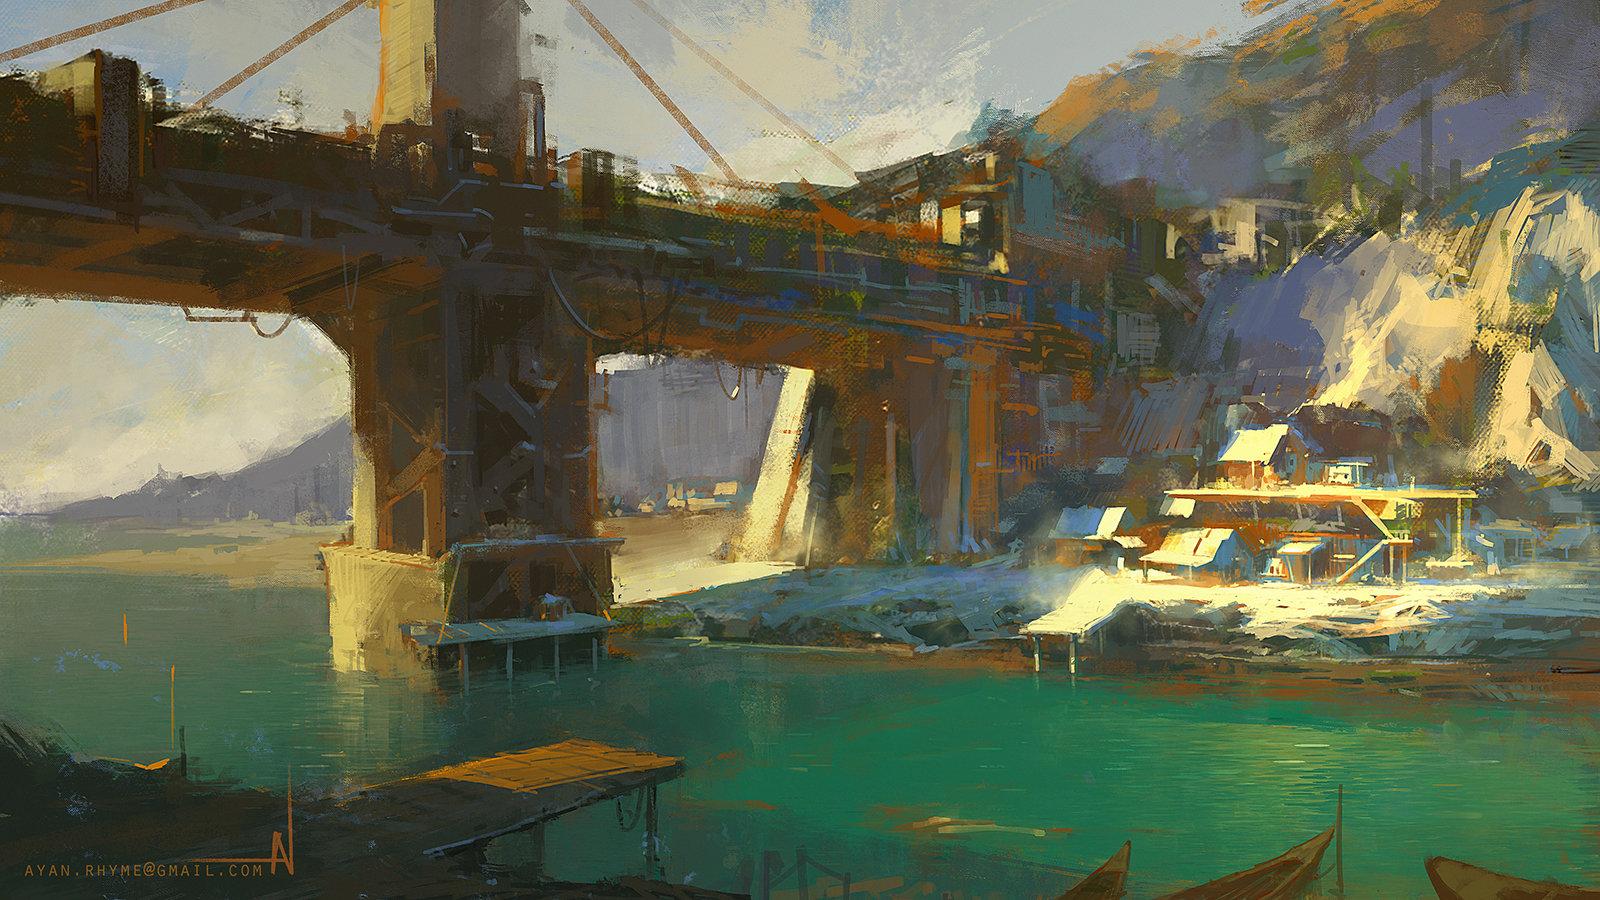 Ayan nag old fishing town by ayan nag lowres